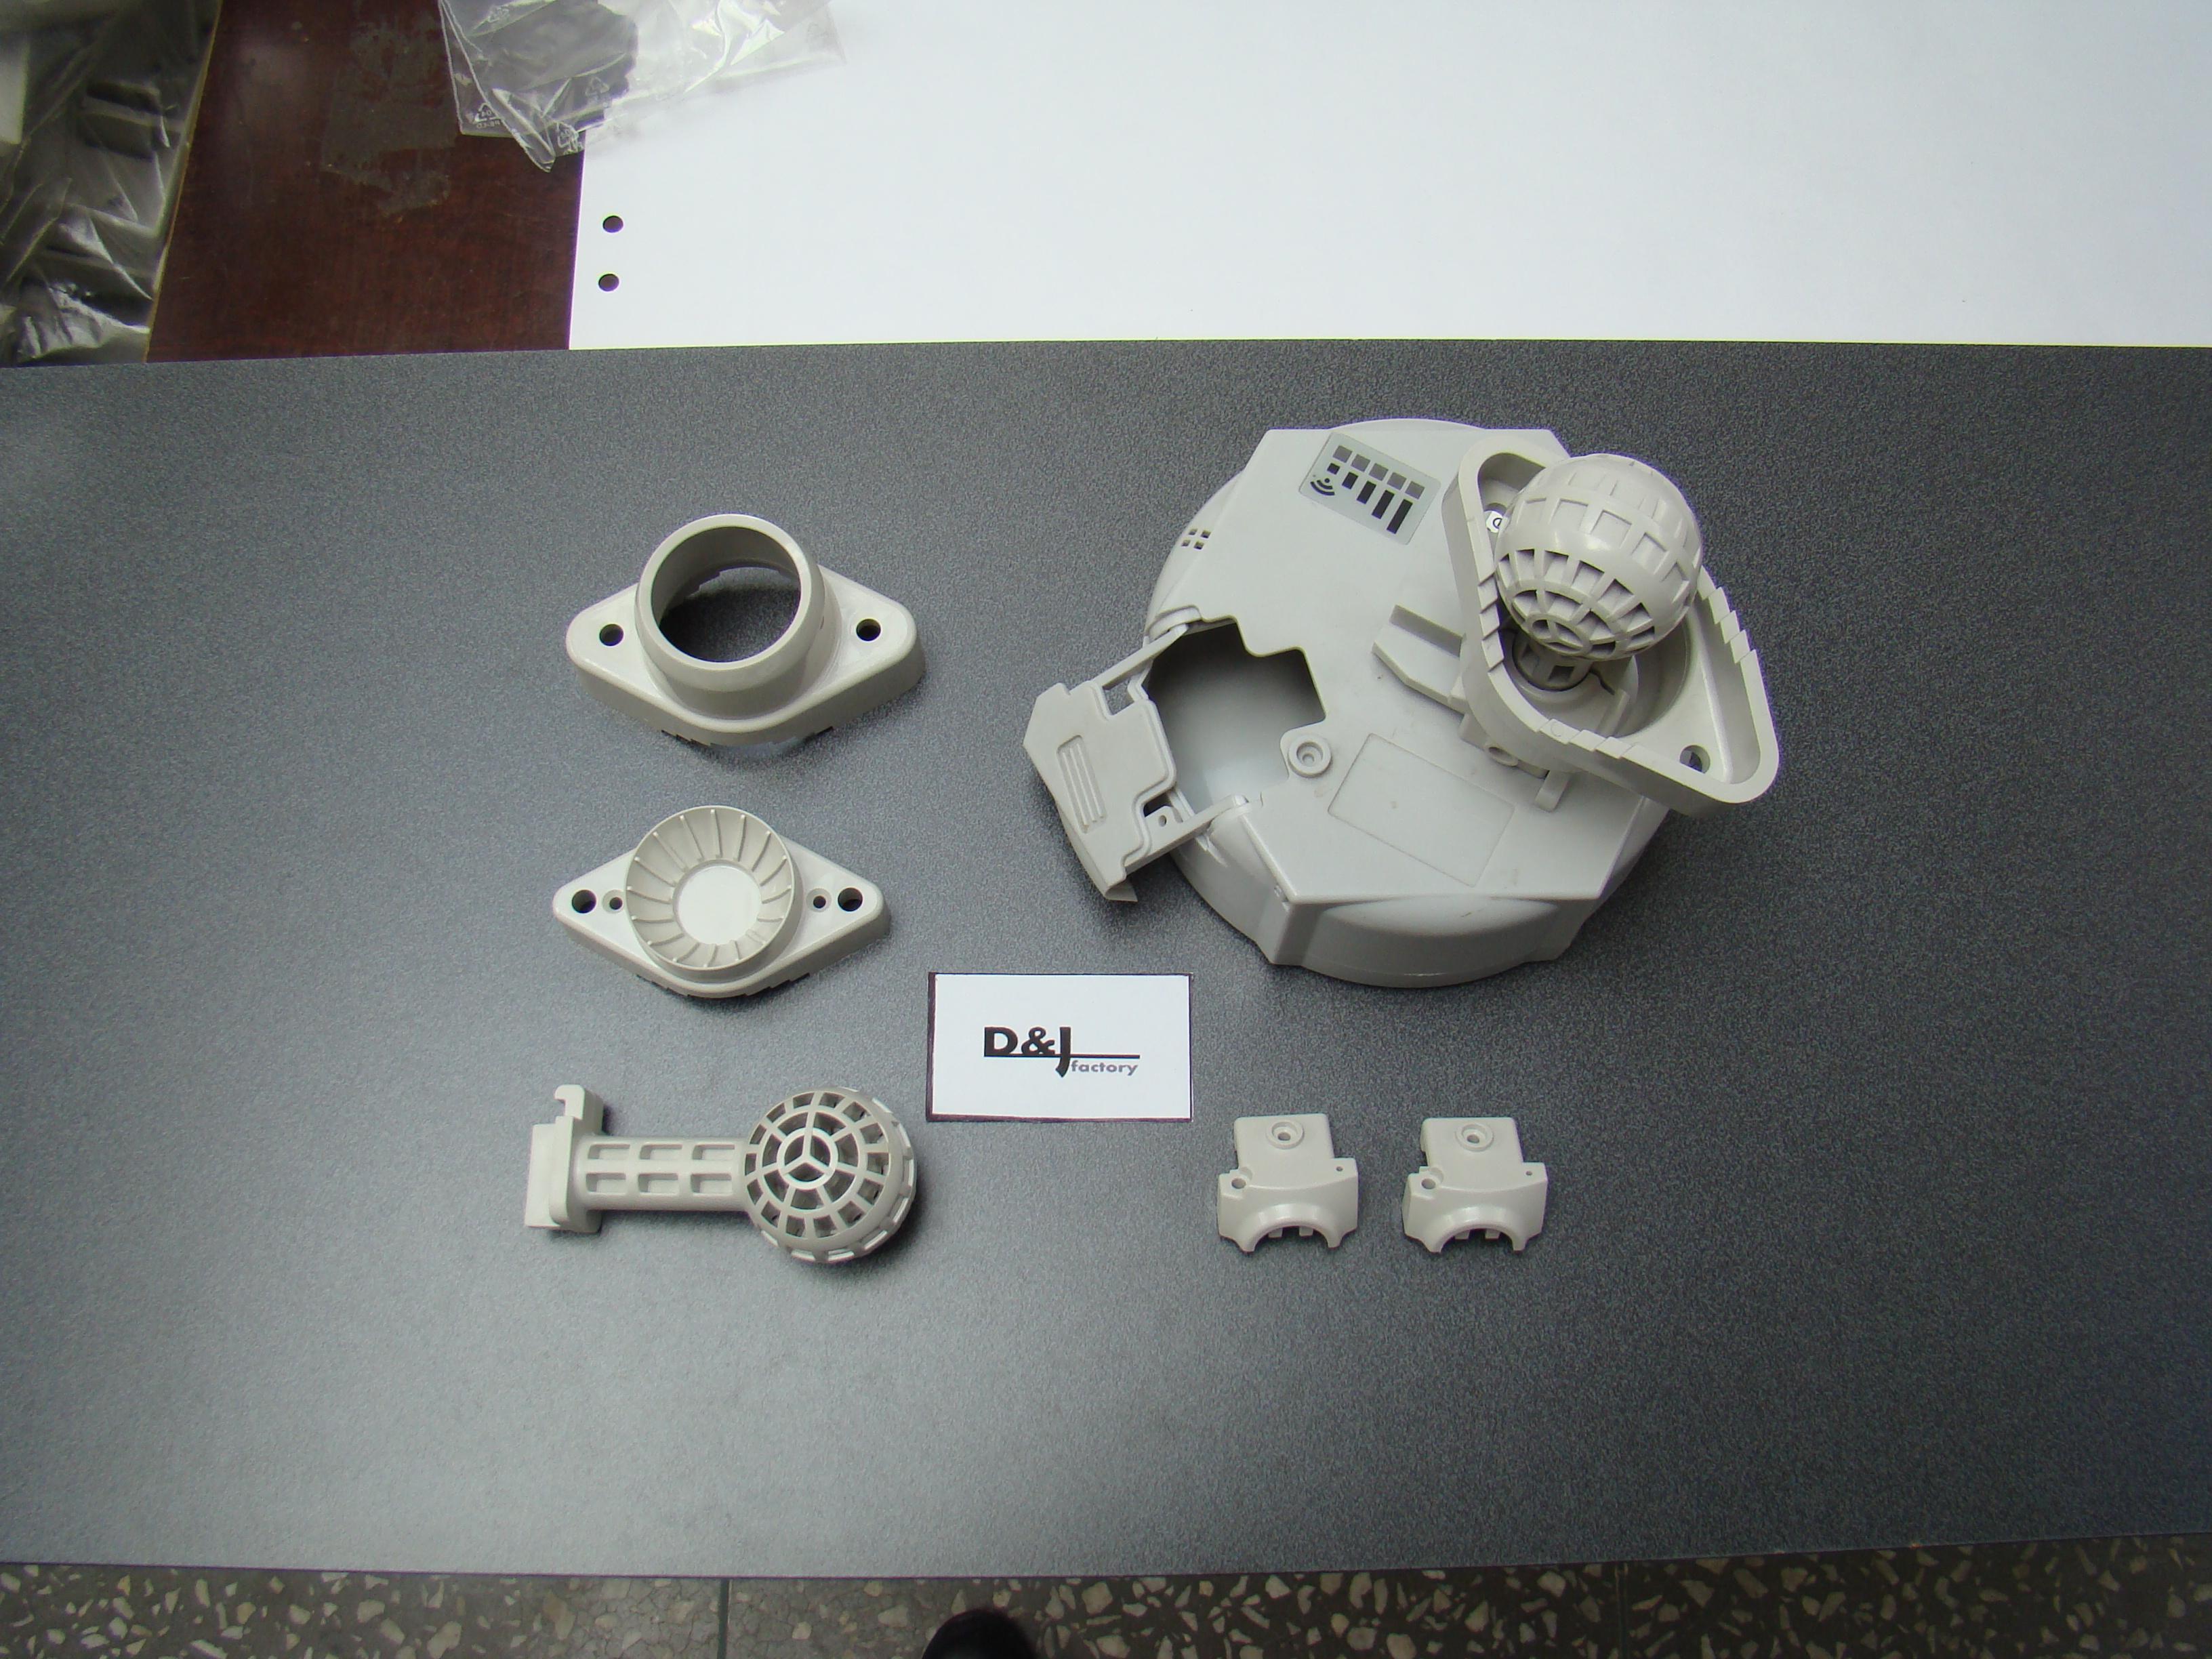 sia-tikko-systems-image-1